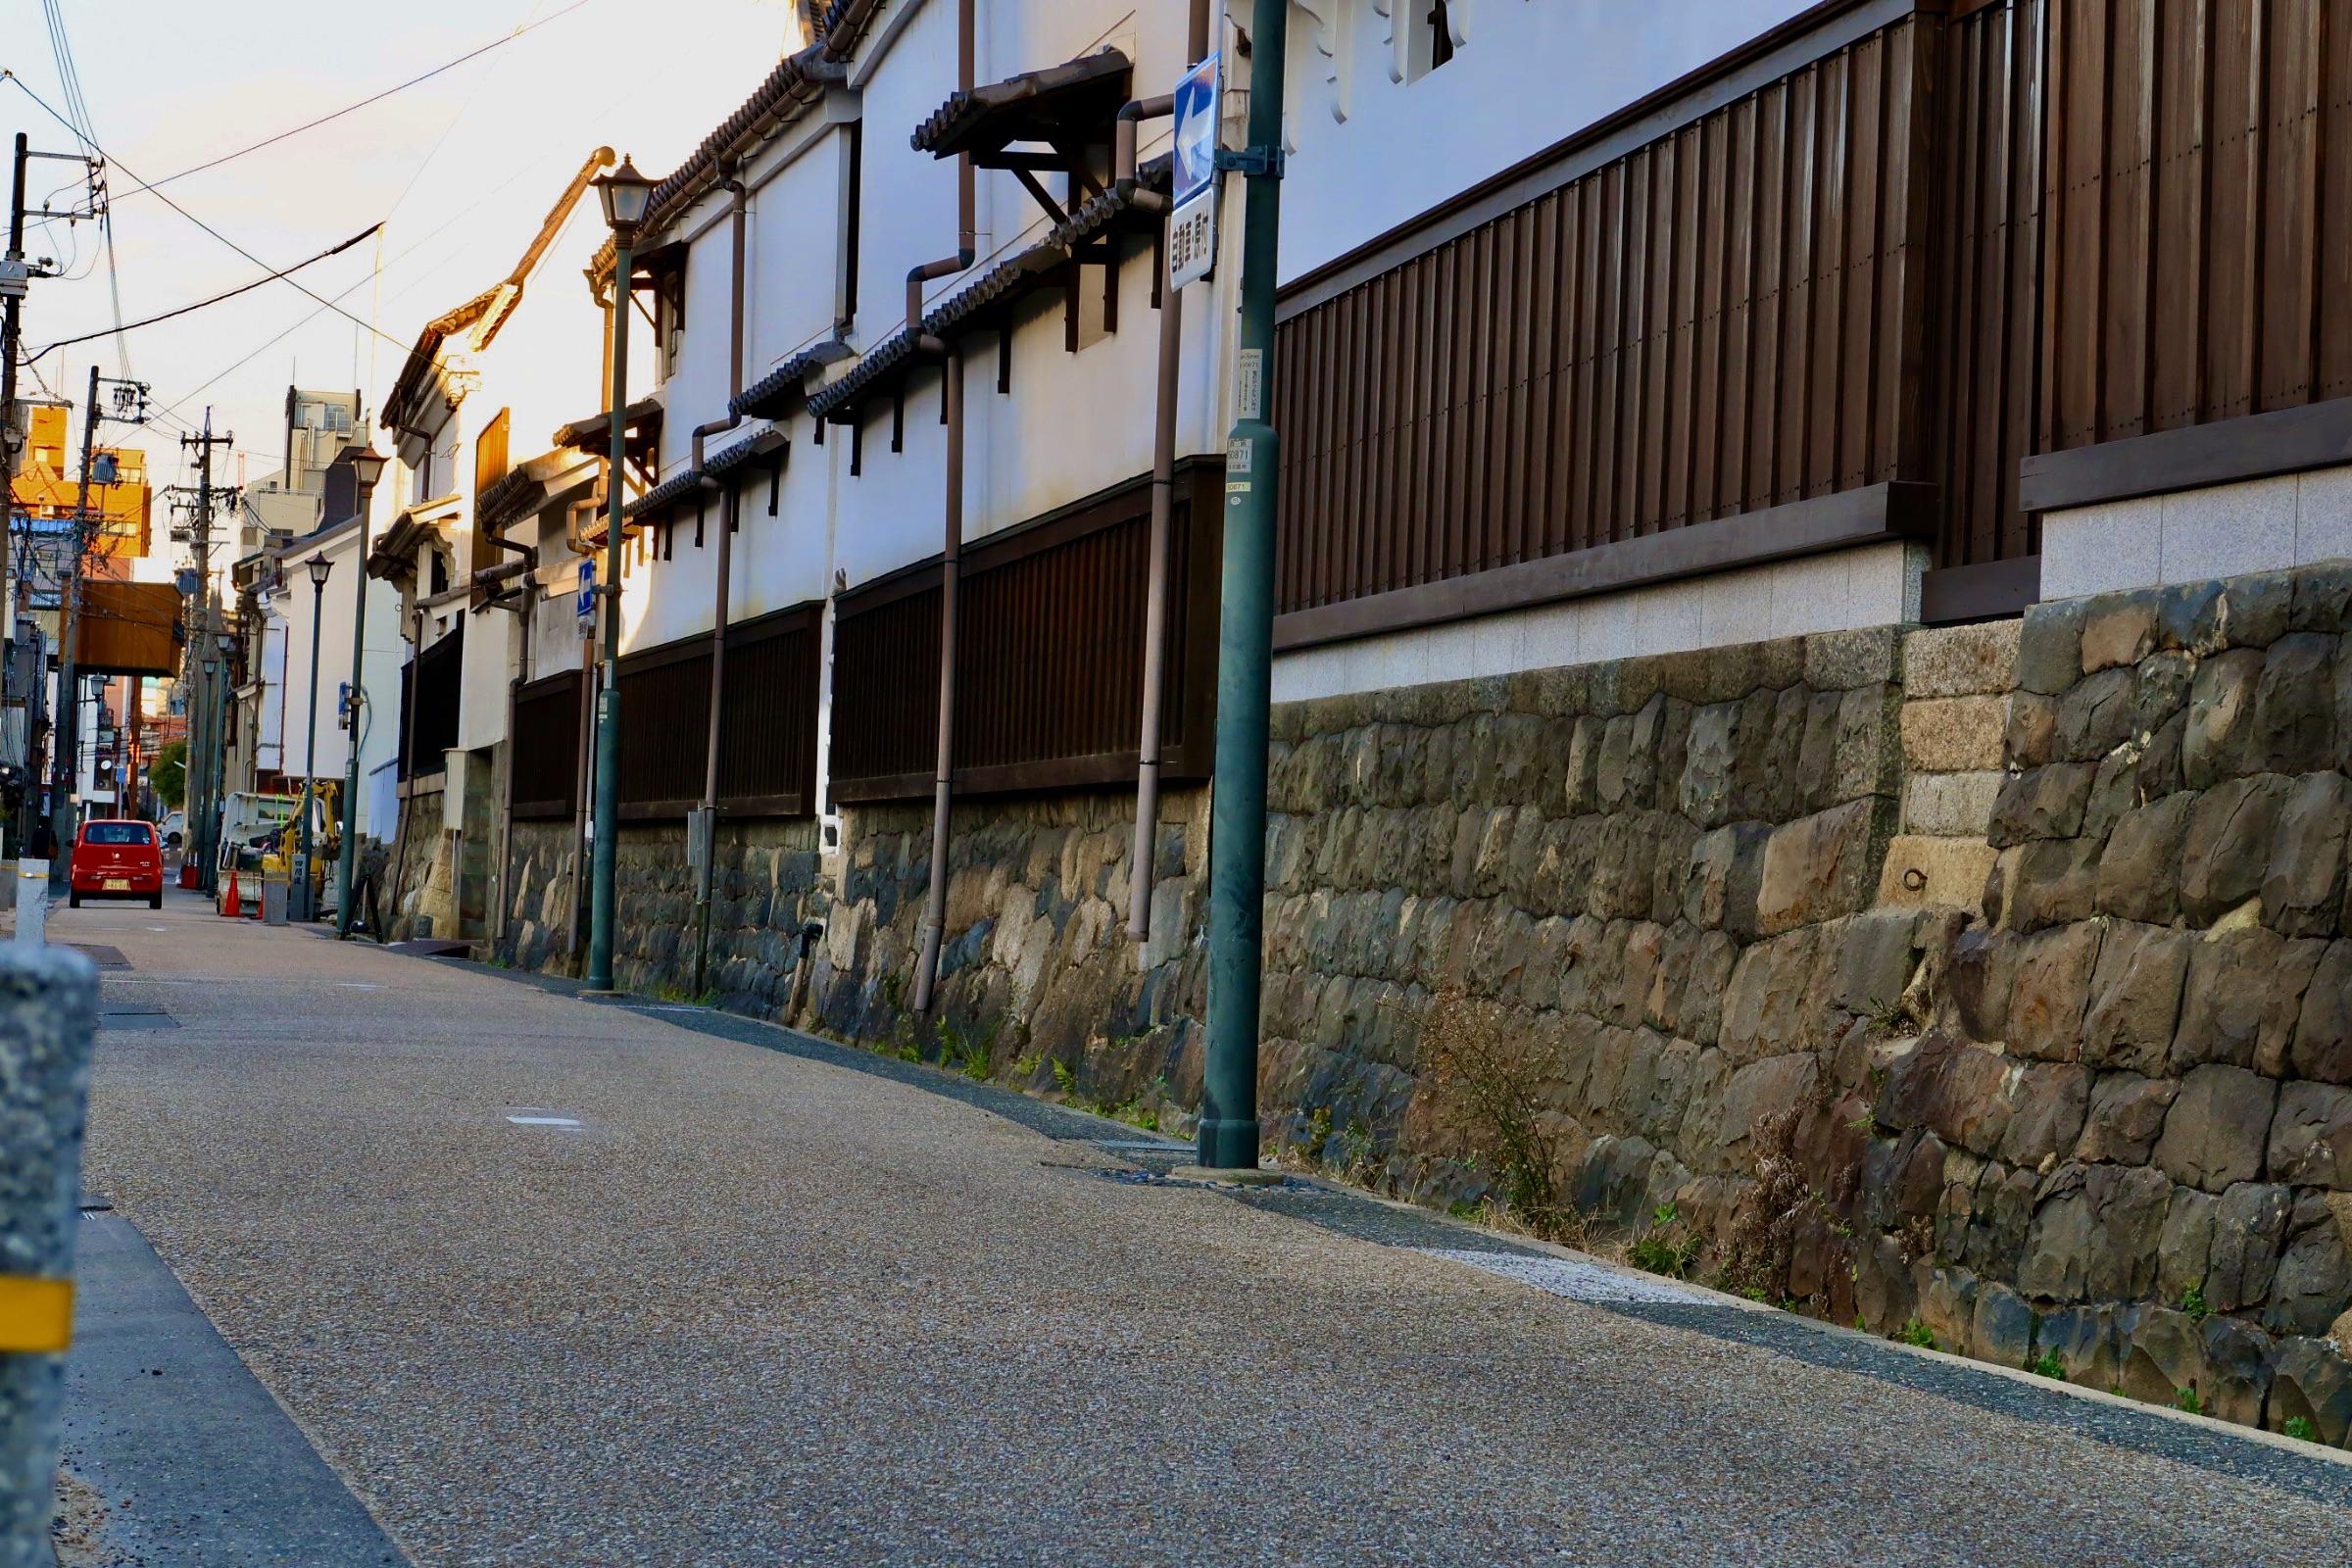 名古屋駅周辺でのんびり過ごそう!朝から晩まで癒しの旅を。 - 33BE951A 8EF9 4E22 8AF1 E171DCB61ADF 1 201 a